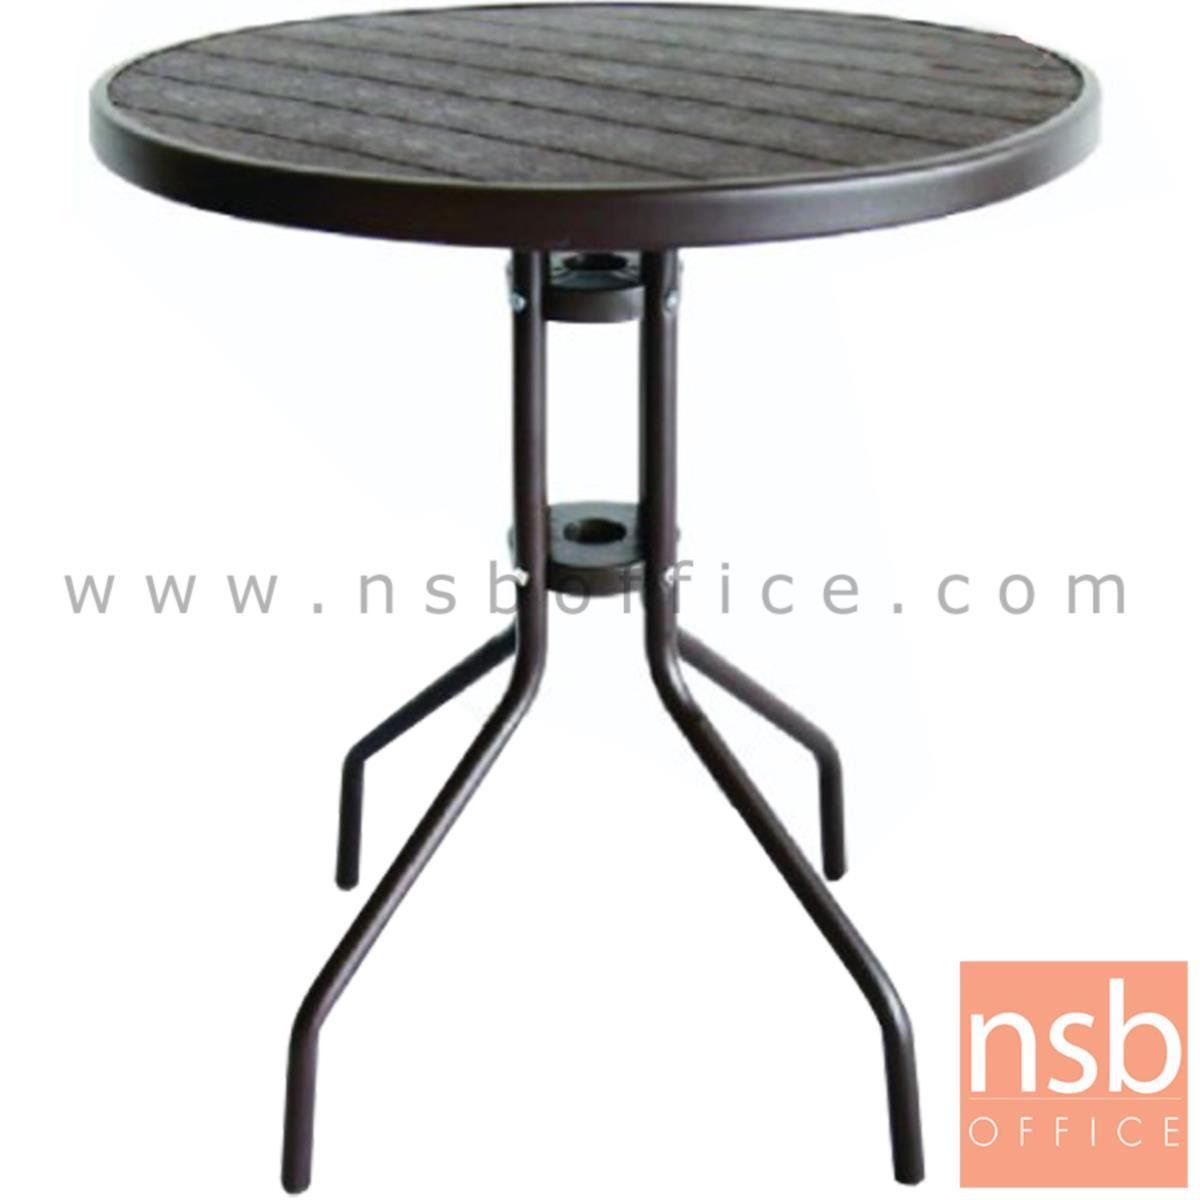 G08A280:โต๊ะสนามพลาสติกกลมขอบเหล็ก รุ่น Imagin ขนาด 60Di*70H cm. ขาเหล็ก